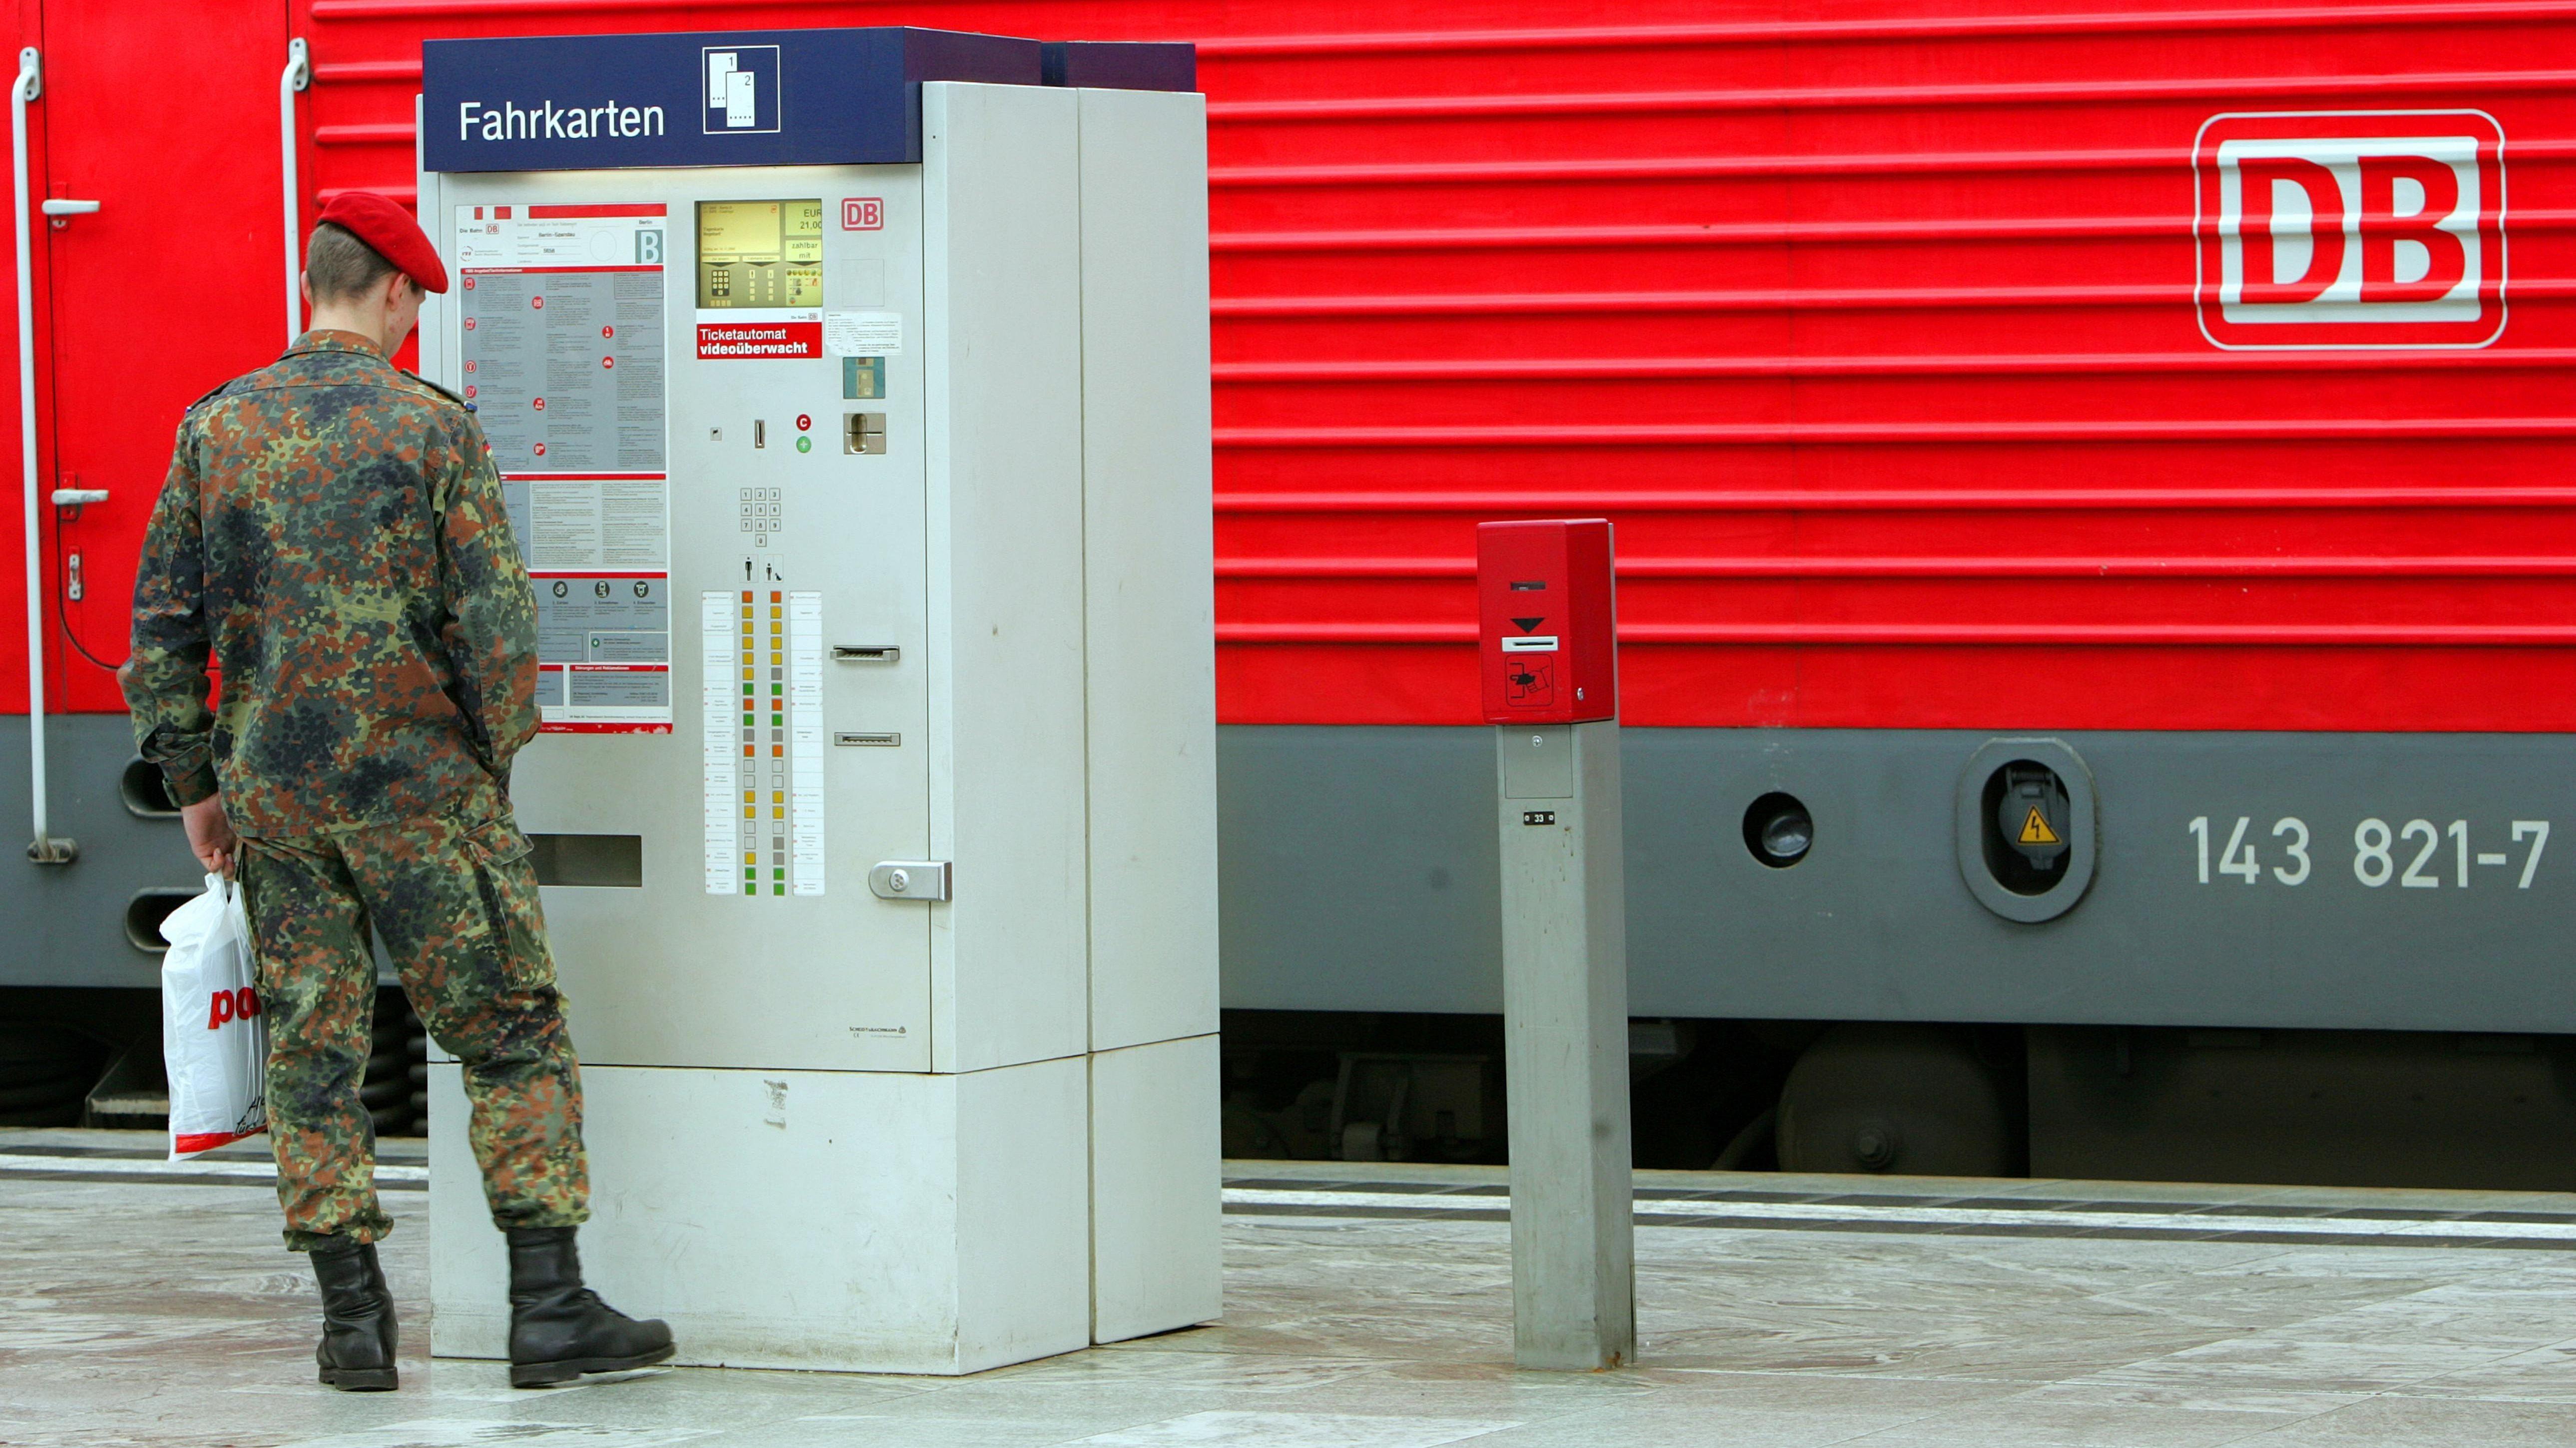 Bundeswehrsoldat steht am Fahrkartenschalter der Deutschen Bahn.